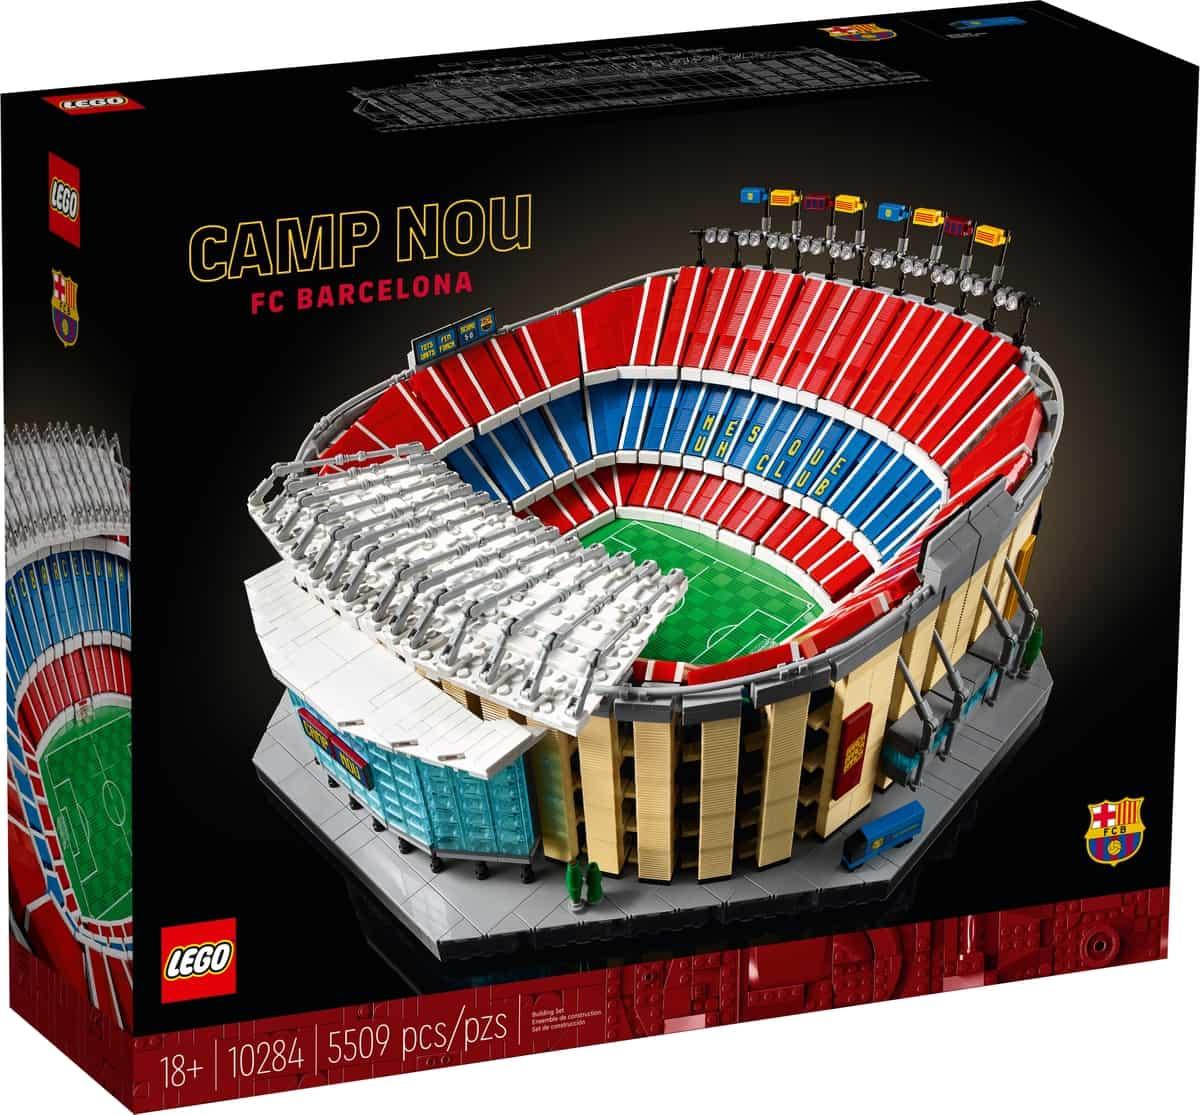 LEGO 10284 Stadion Camp Nou – FC Barcelona